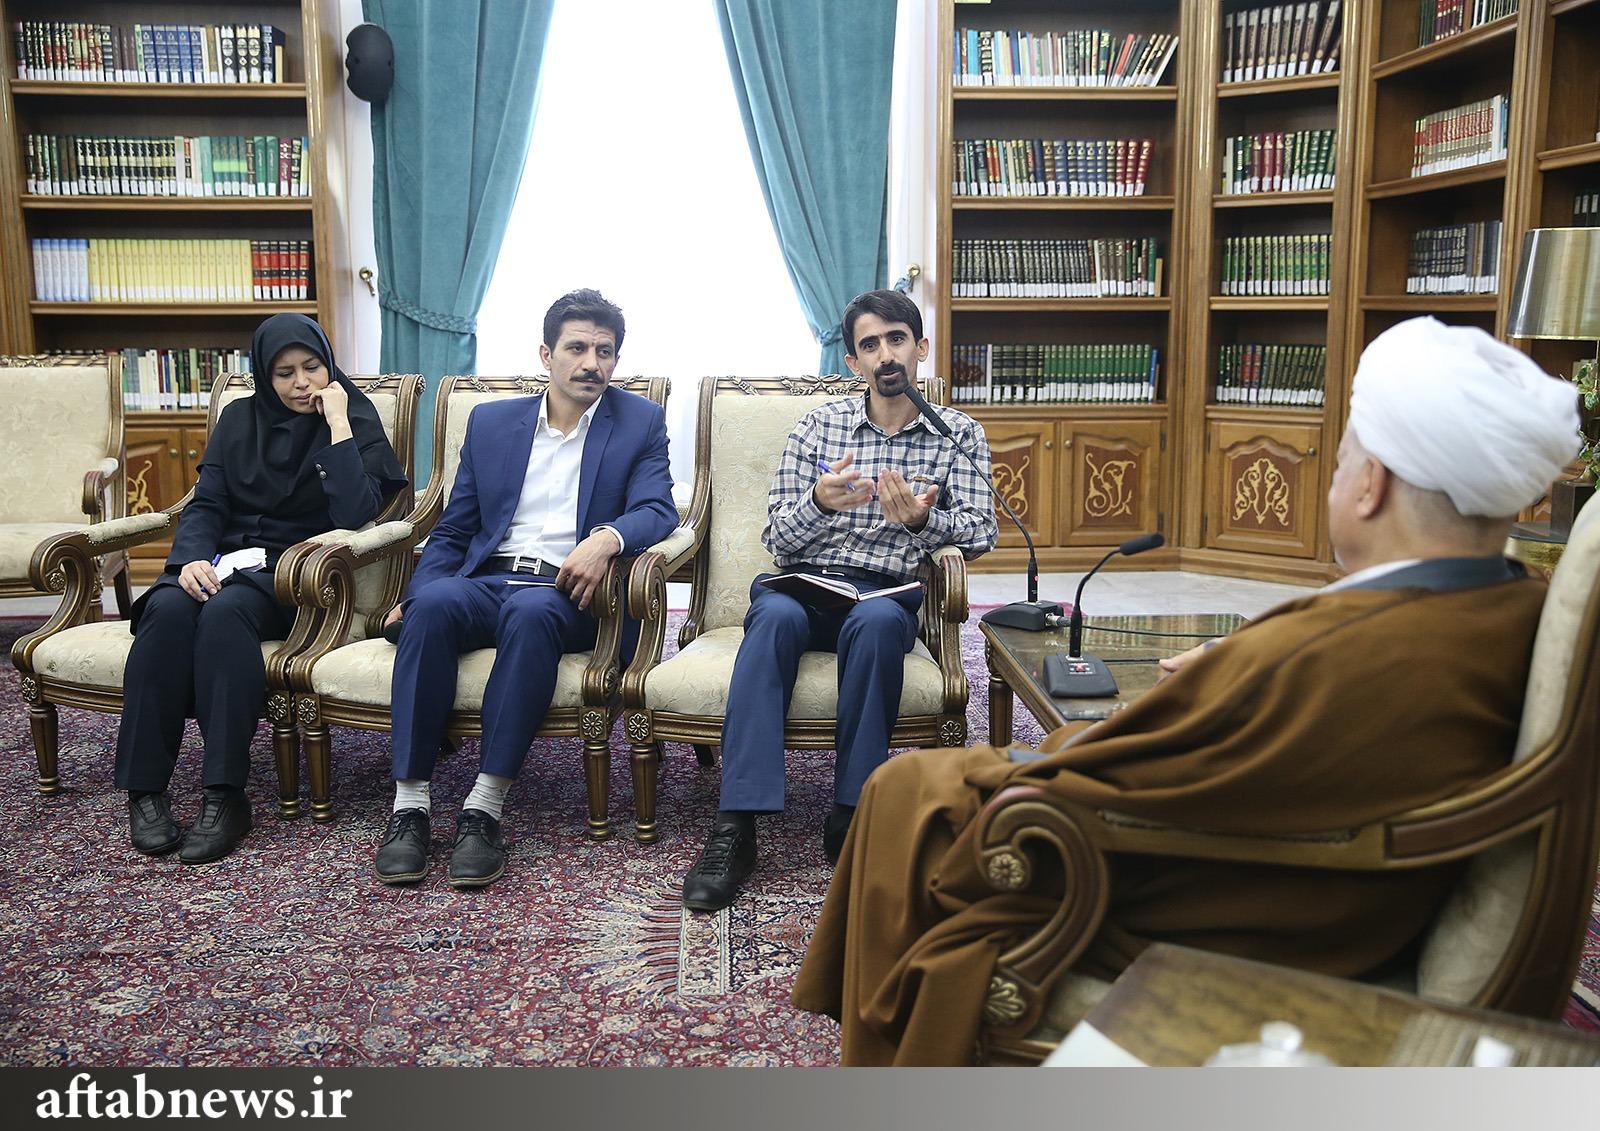 احتمال دیدار اوباما و روحانی وجود ندارد/دیگر نگران نیستم/شام ملکعبدالله در منزل هاشمی